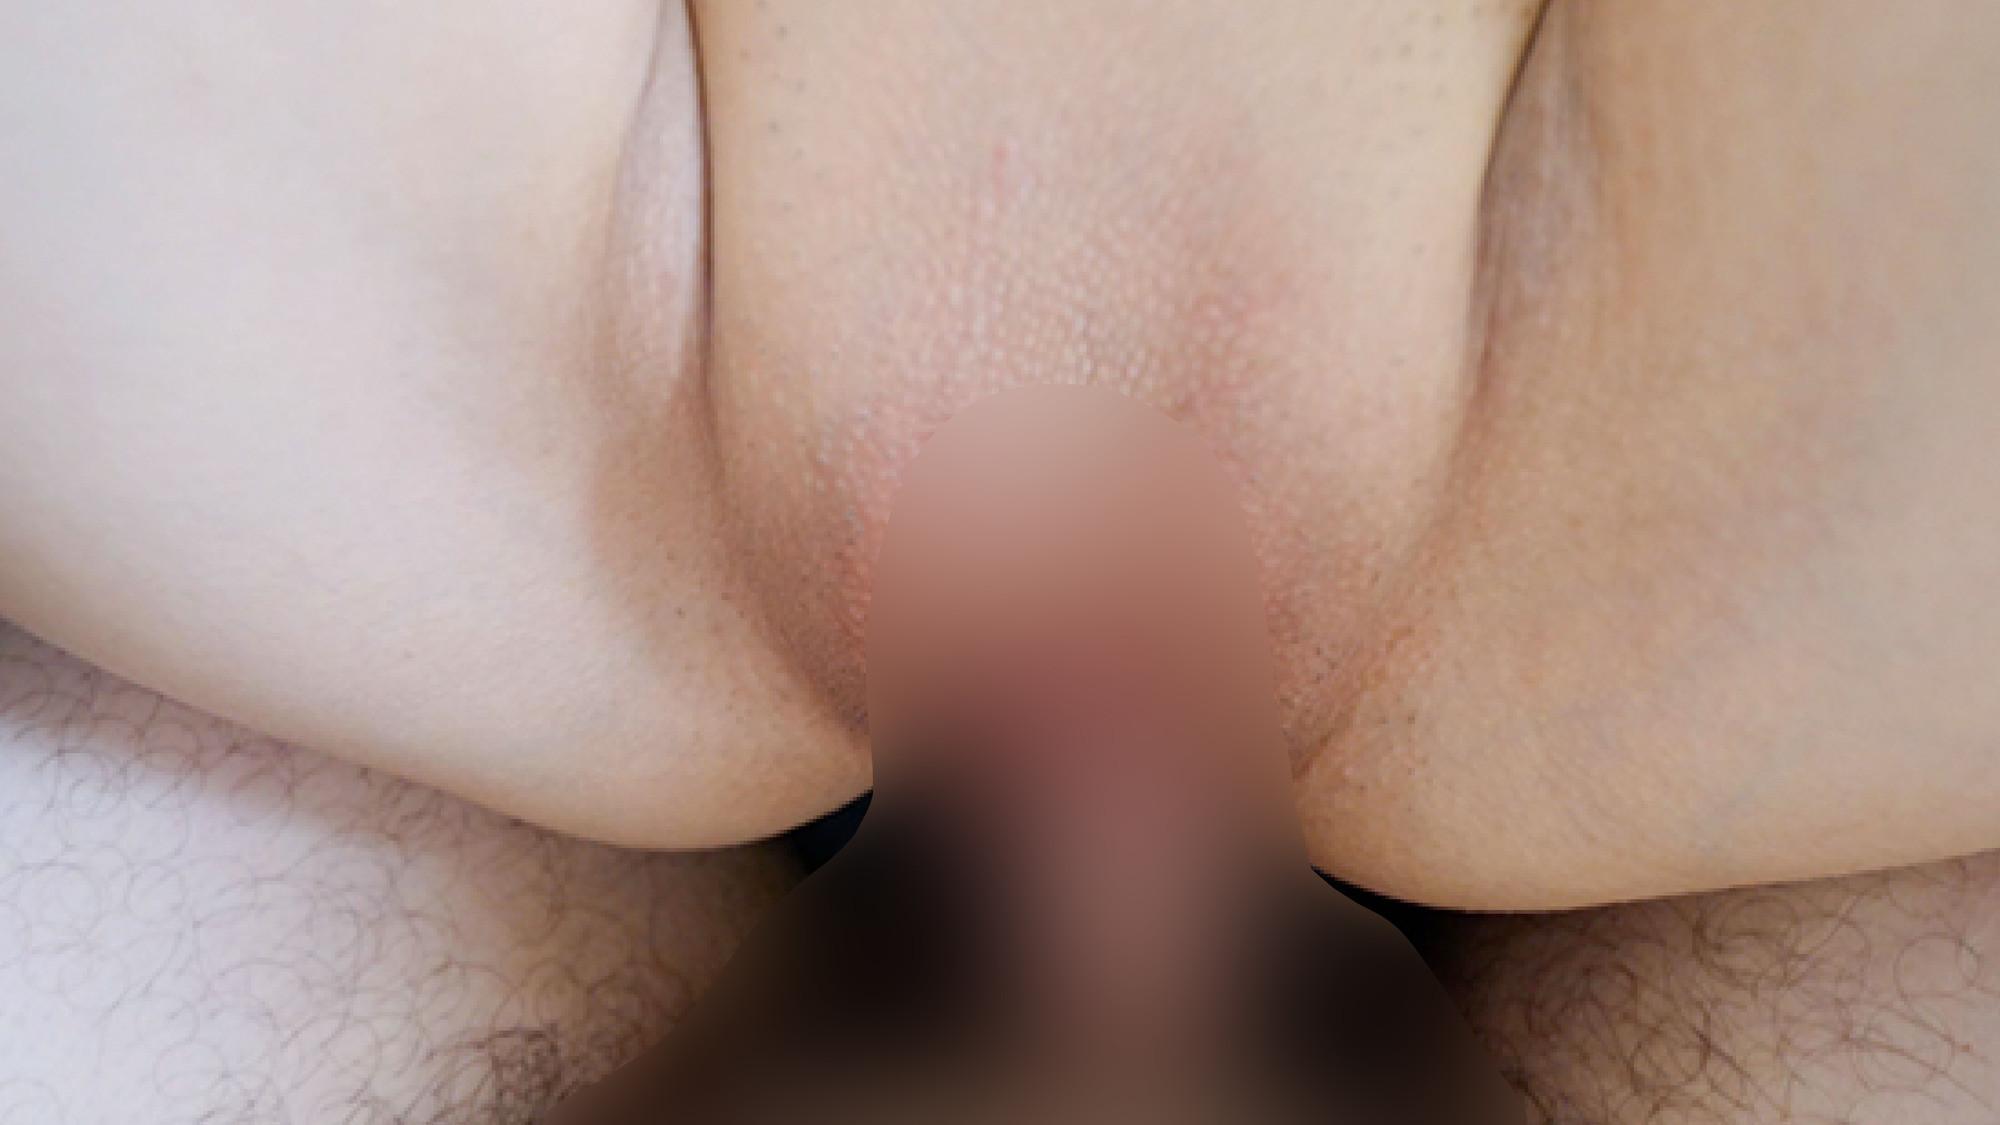 【睡眠姦・膣内射精】上野パンチラ美少女隠し撮り (東京/私立/普通科)推定Cカップ 画像5